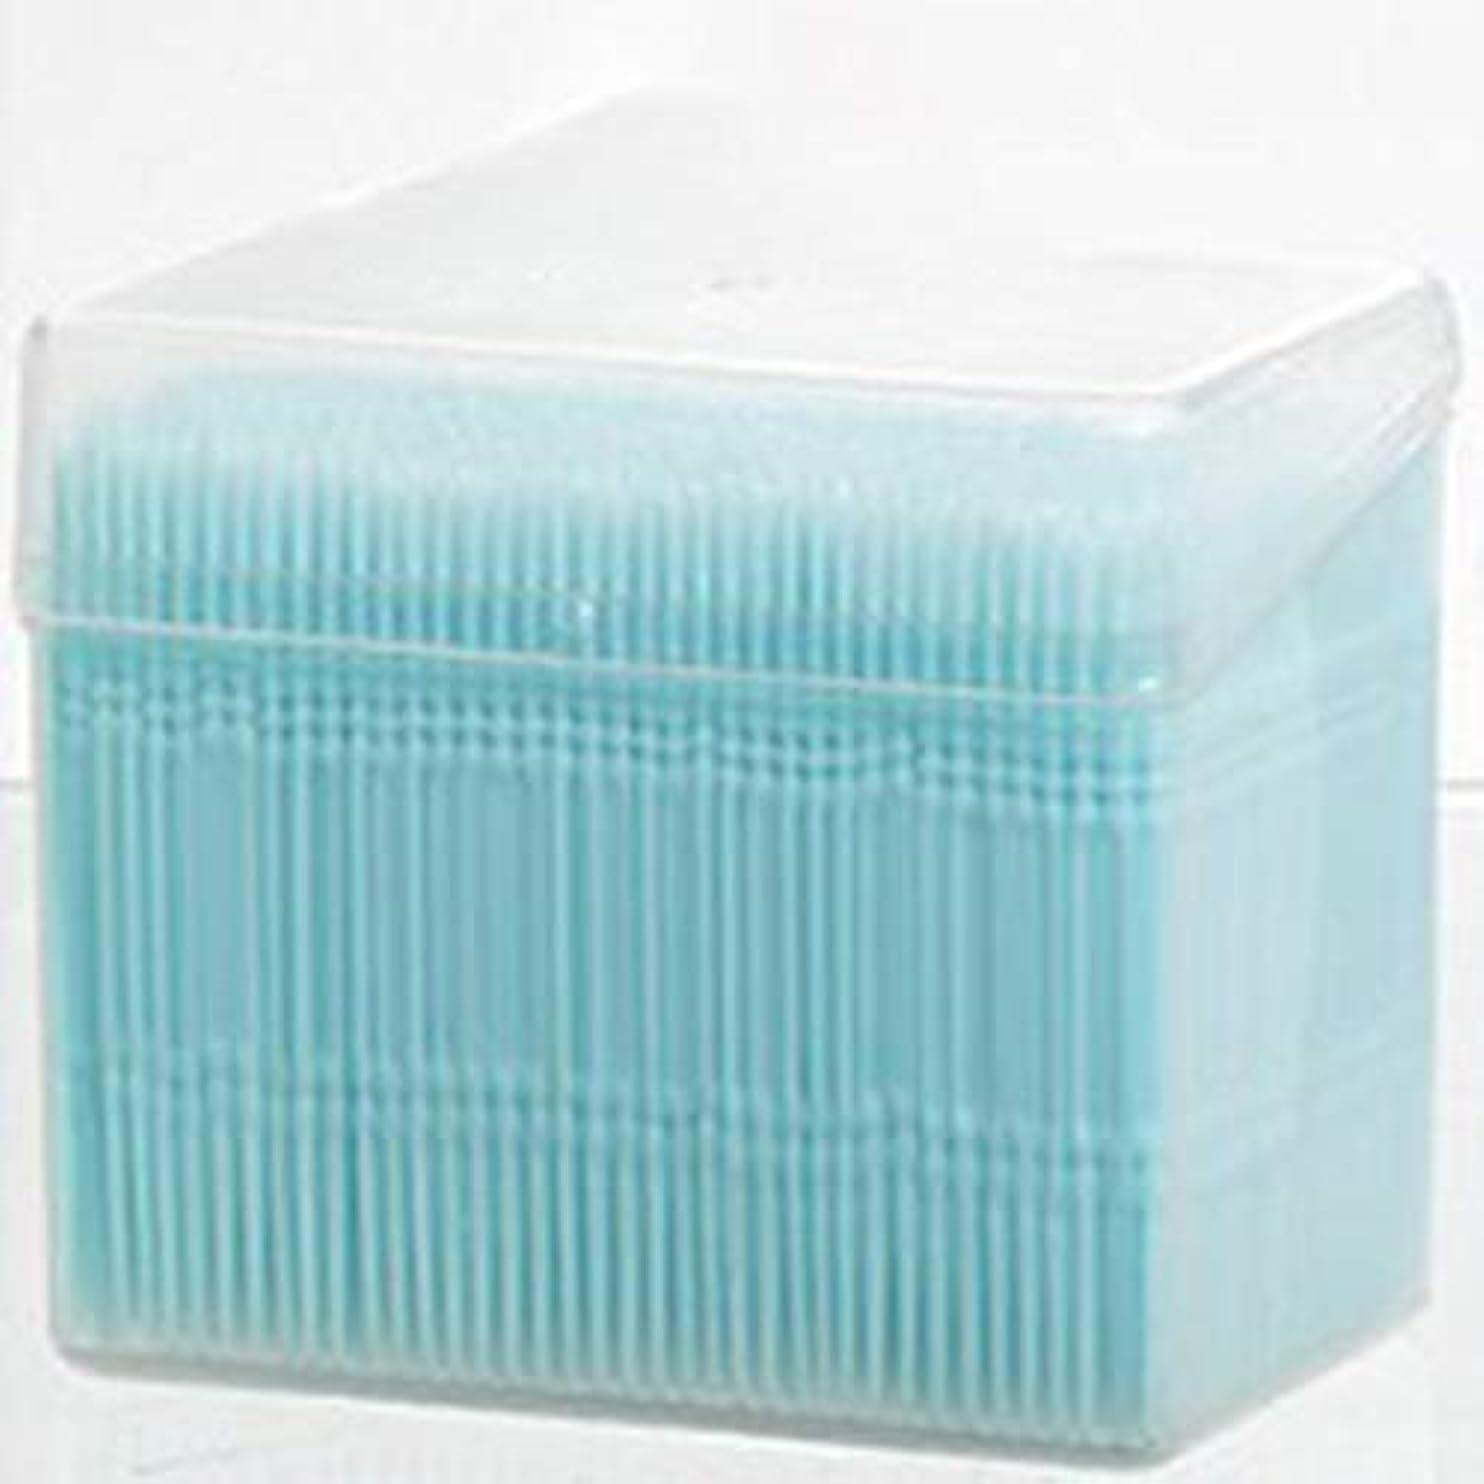 アカデミック不快な汚す1100ピース/セットダブルヘッド使い捨て歯フロス衛生デンタルフロス歯間つまようじ健康用歯のクリーニングオーラルケア